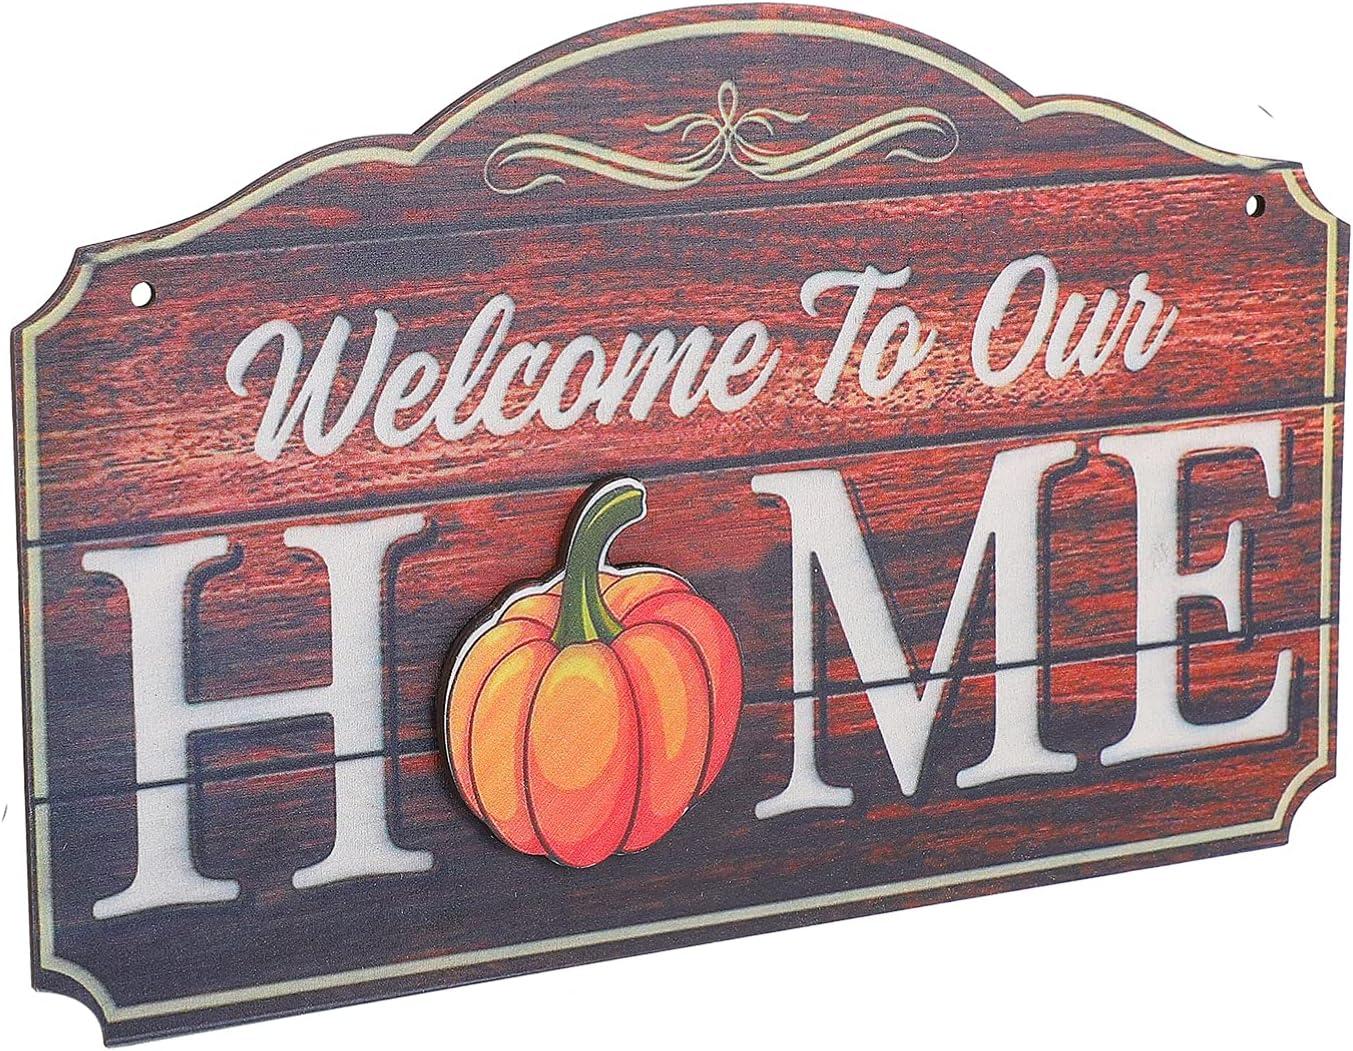 KESYOO Seasonal Fruit Welcome Sign Front Door Interchangea Porch Max 76% OFF Max 52% OFF